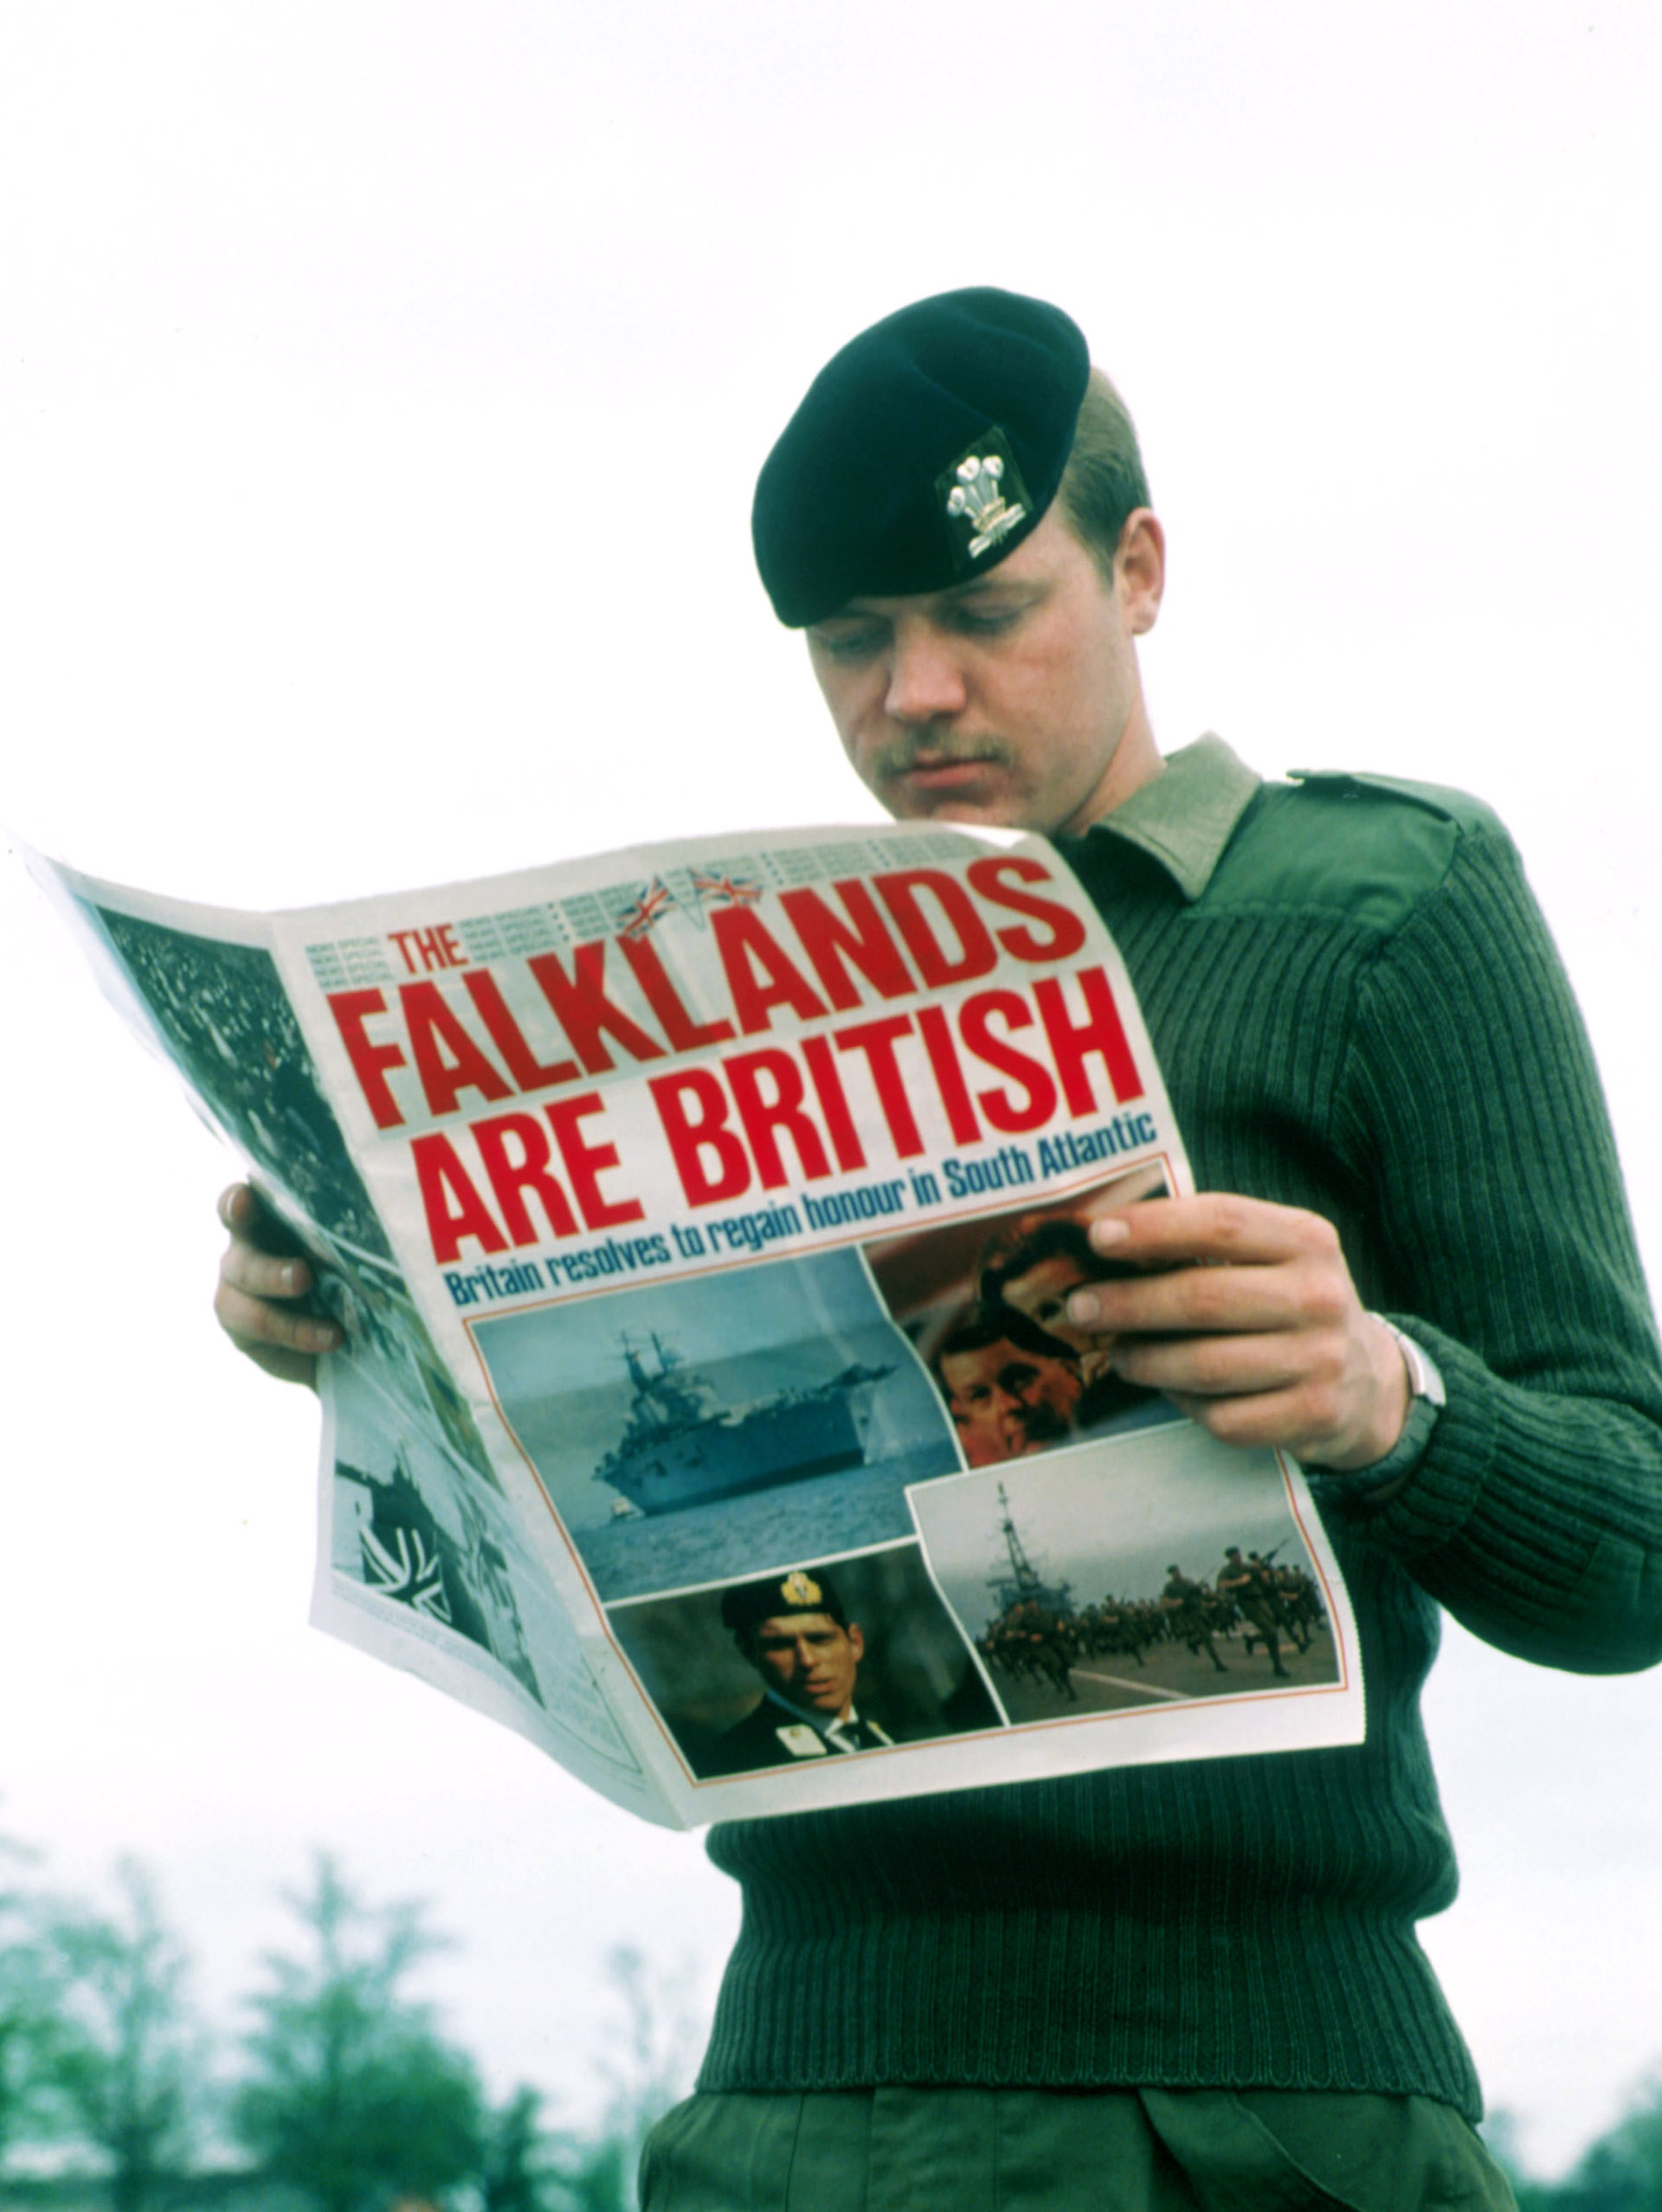 """Un soldado británico lee el diario luego de la recuperación argentina delas Islas Malvinas: """"Las Falklandsson británicas. Gran Bretaña resuelve recuperar el honor en el Atlántico Sur"""", dice el titular en letra catástrofe (Liaison)"""